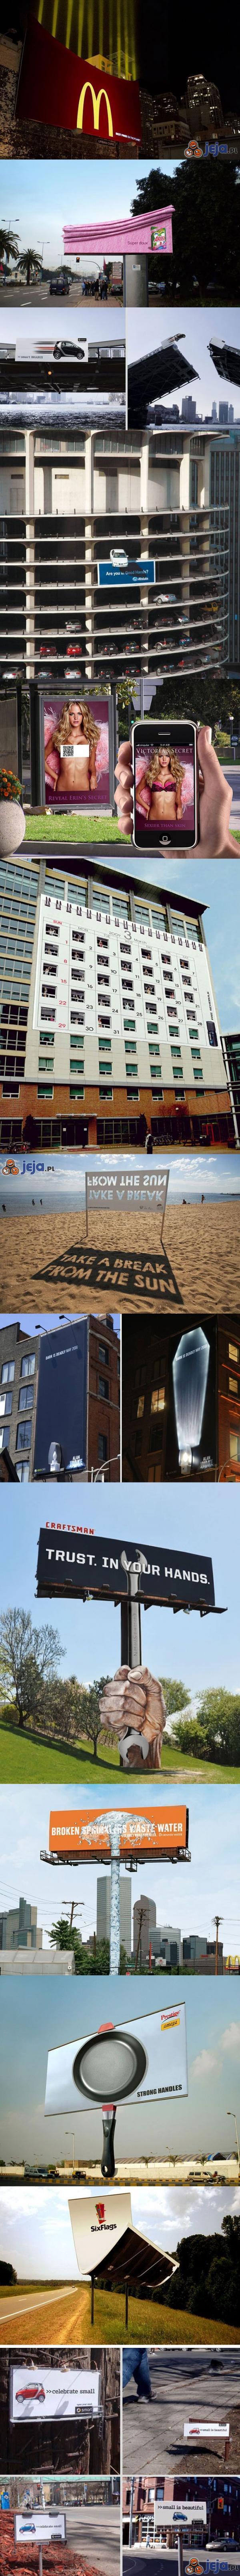 Pomysłowe billboardy